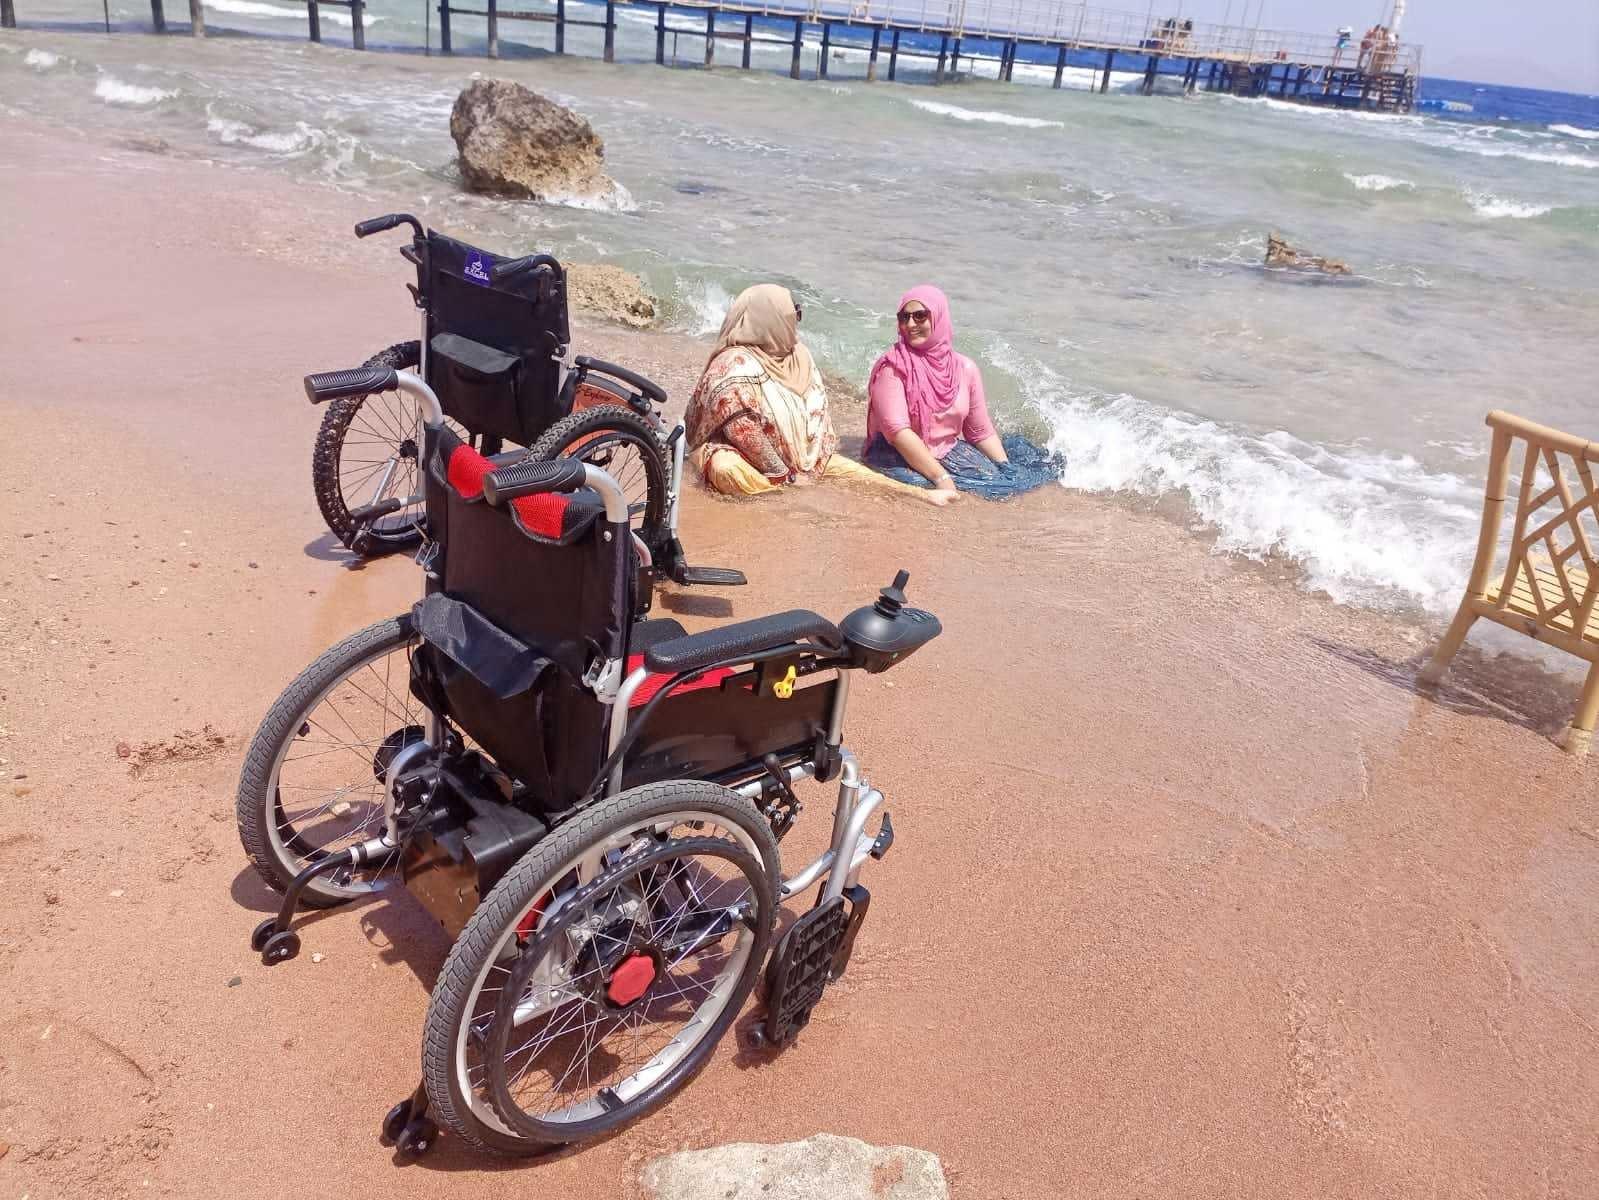 تینوں خواتین مصر کے ساحل سمندر پر بھی گئیں—فوٹو: تنزیلہ خان، انسٹاگرام